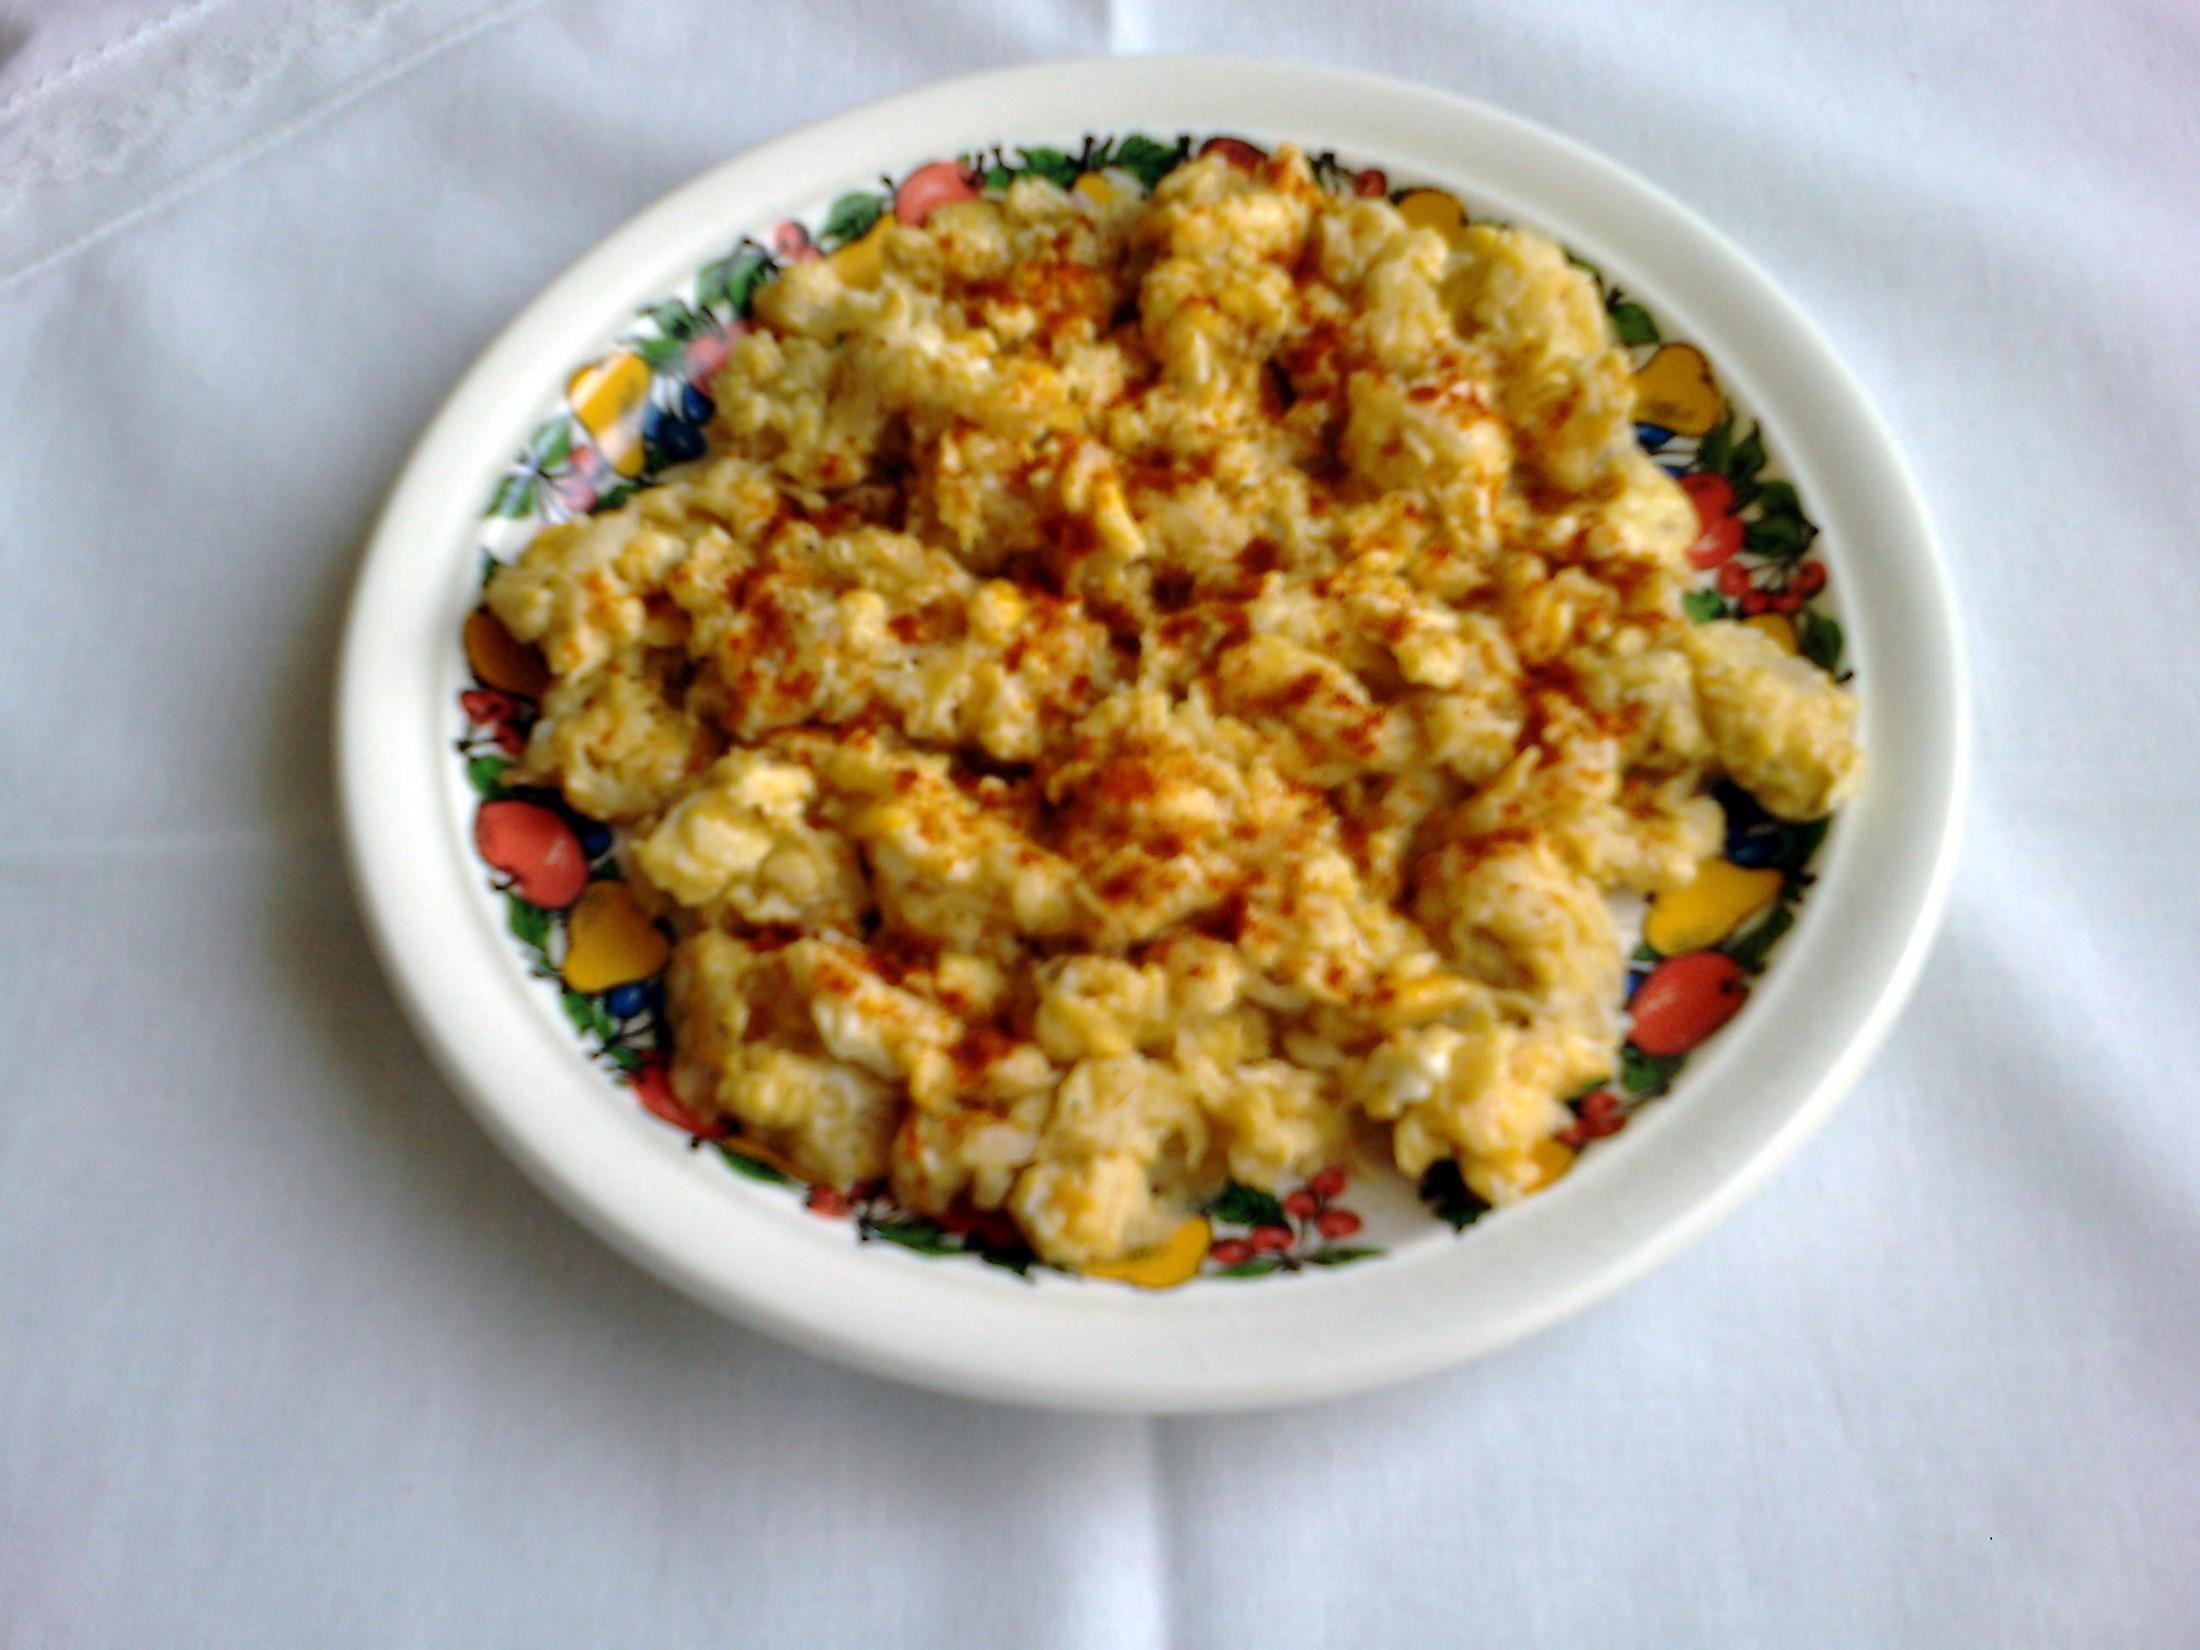 Fotografie receptu: Míchaná vejce s ředkvičkou